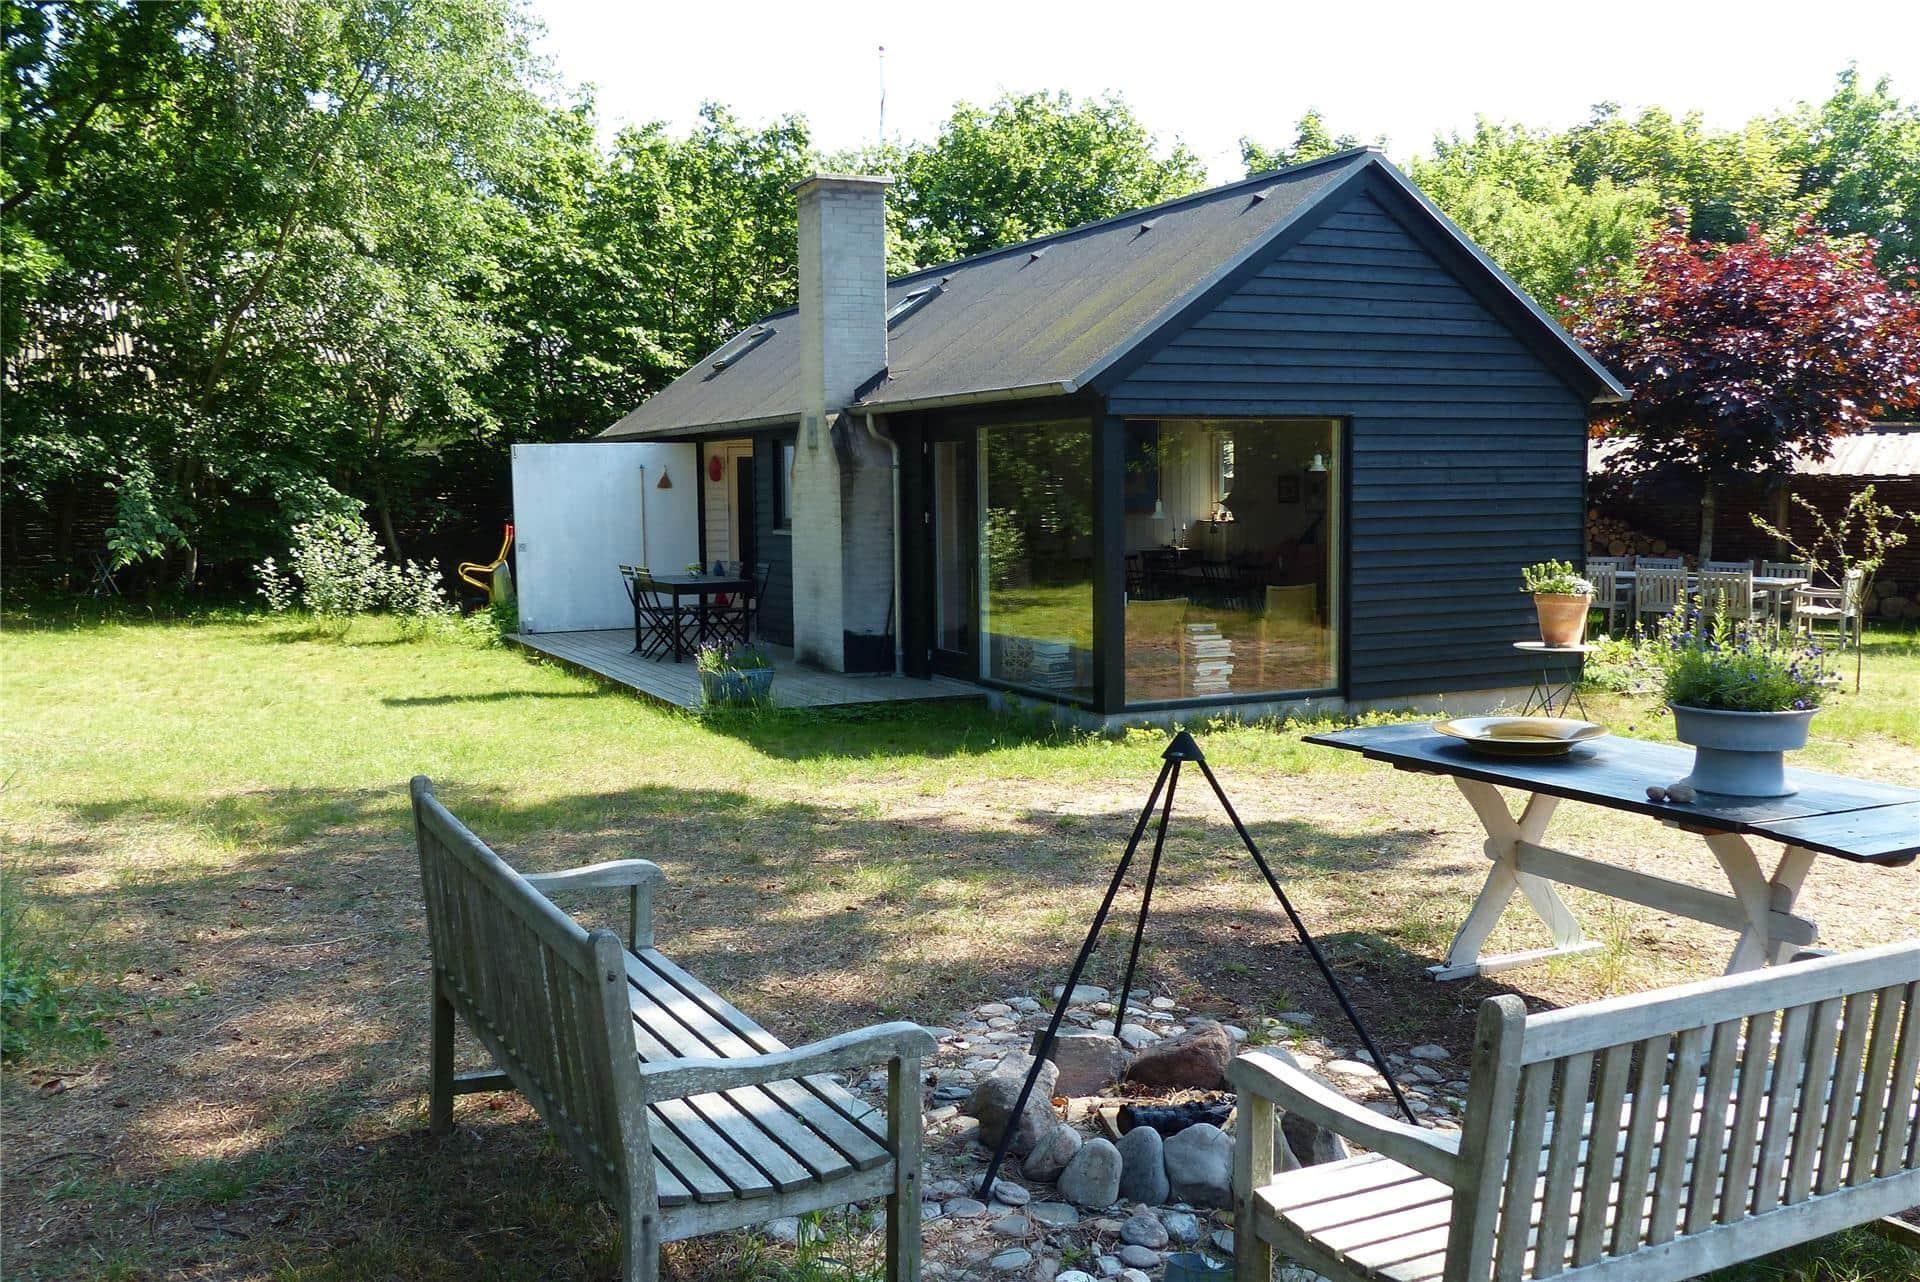 Afbeelding 1-17 Vakantiehuis 10025, Nørrevangsvej 43, DK - 4581 Rørvig